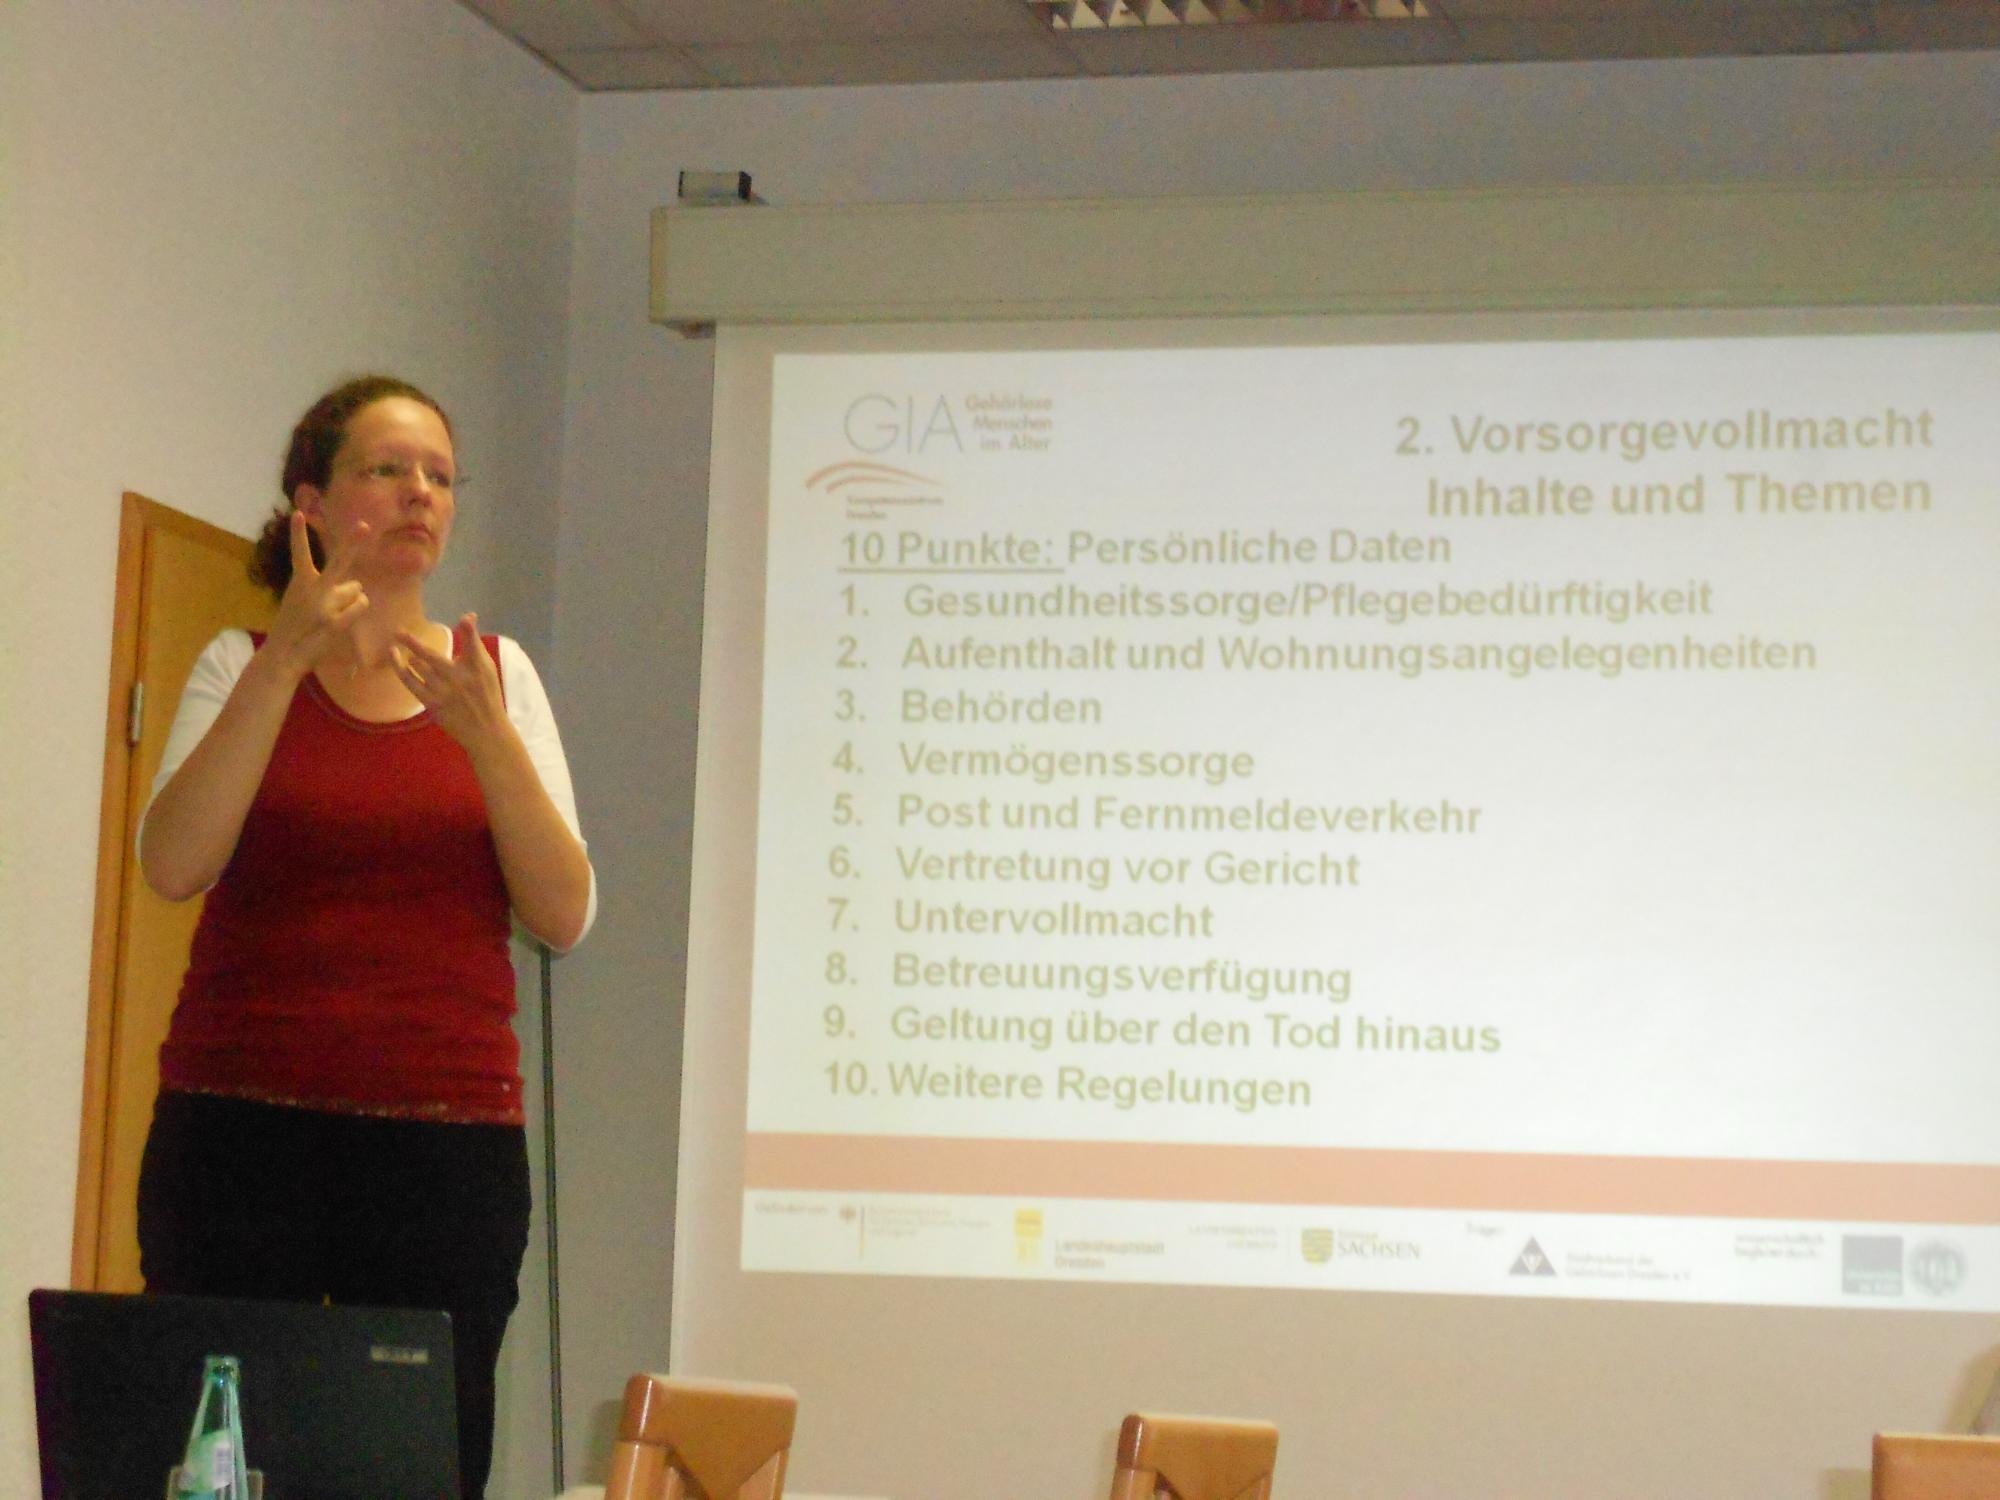 Frau Gorn informiert über die Inhalte der Vorsorgevollmacht